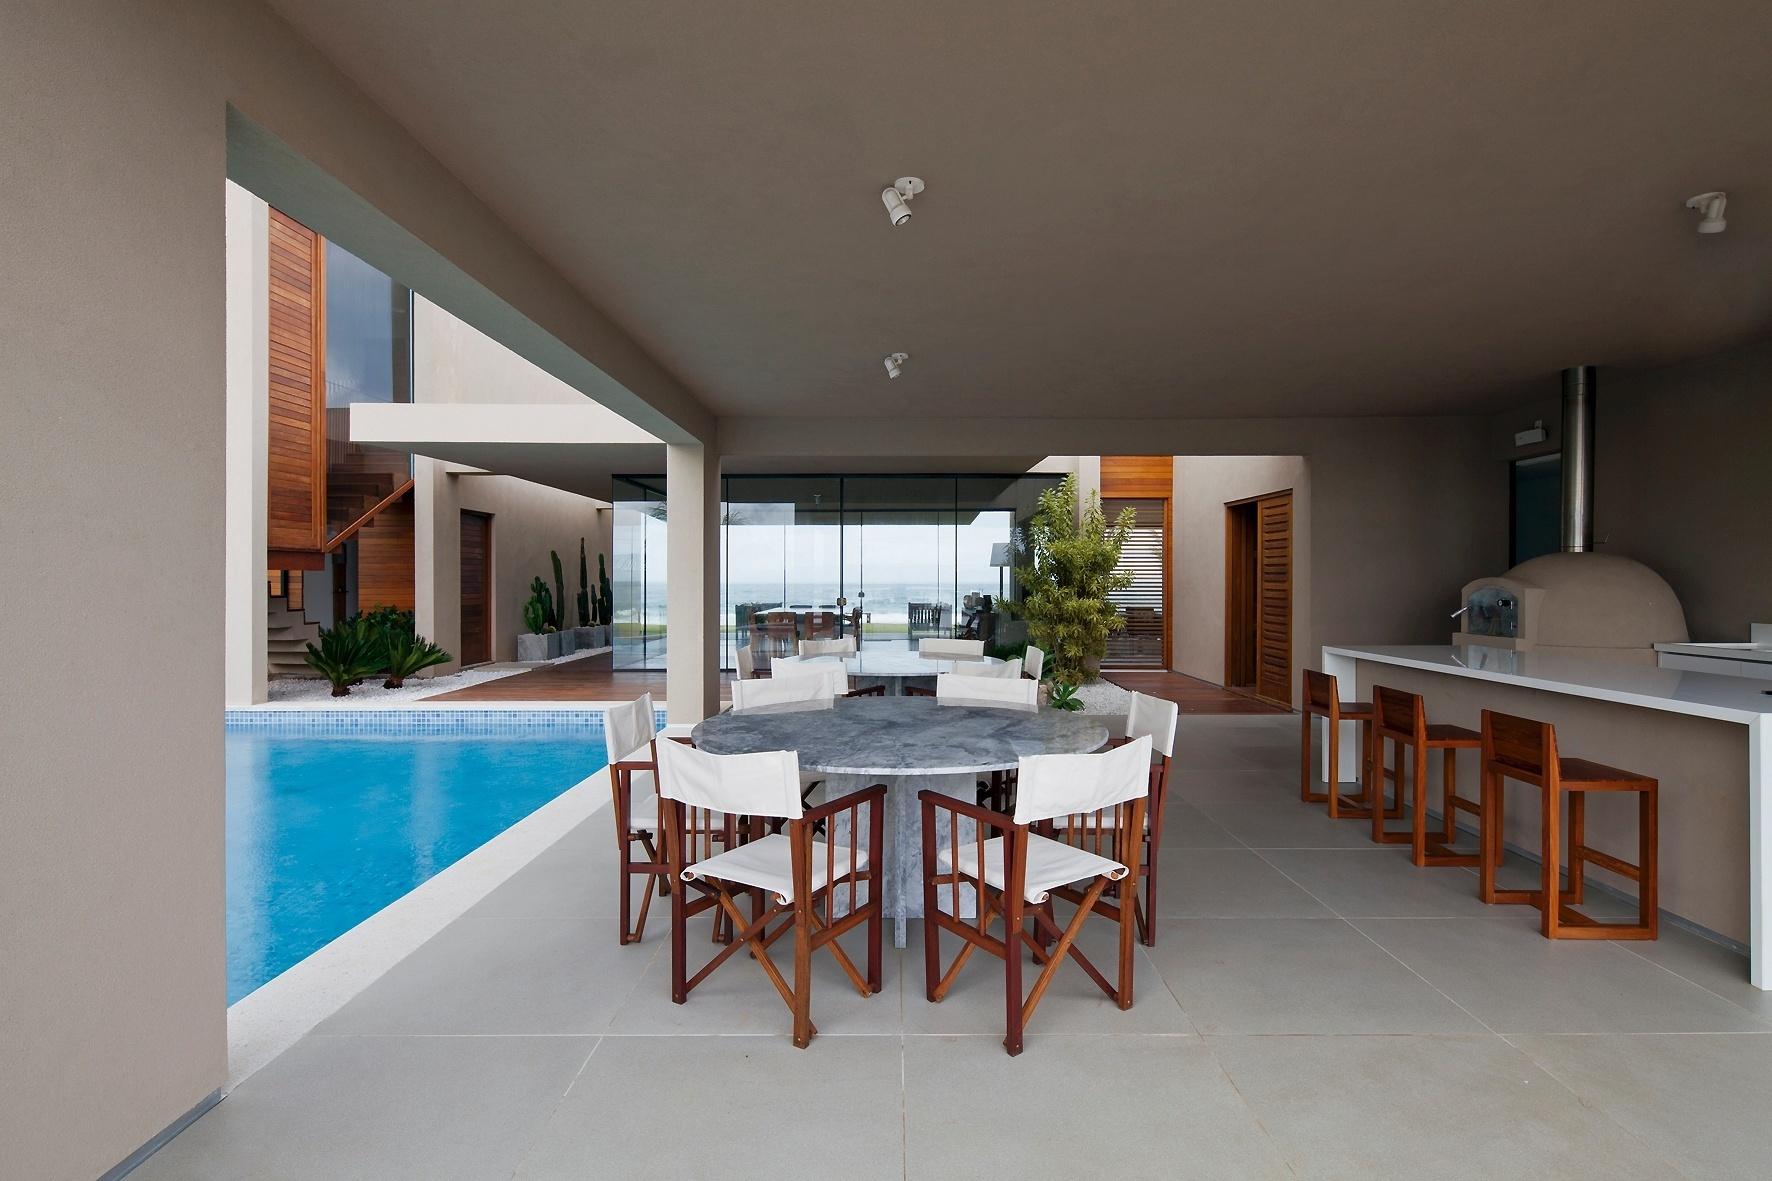 Confira curiosidades e projetos de decoração de piscinas BOL Fotos  #148DB7 1772 1181